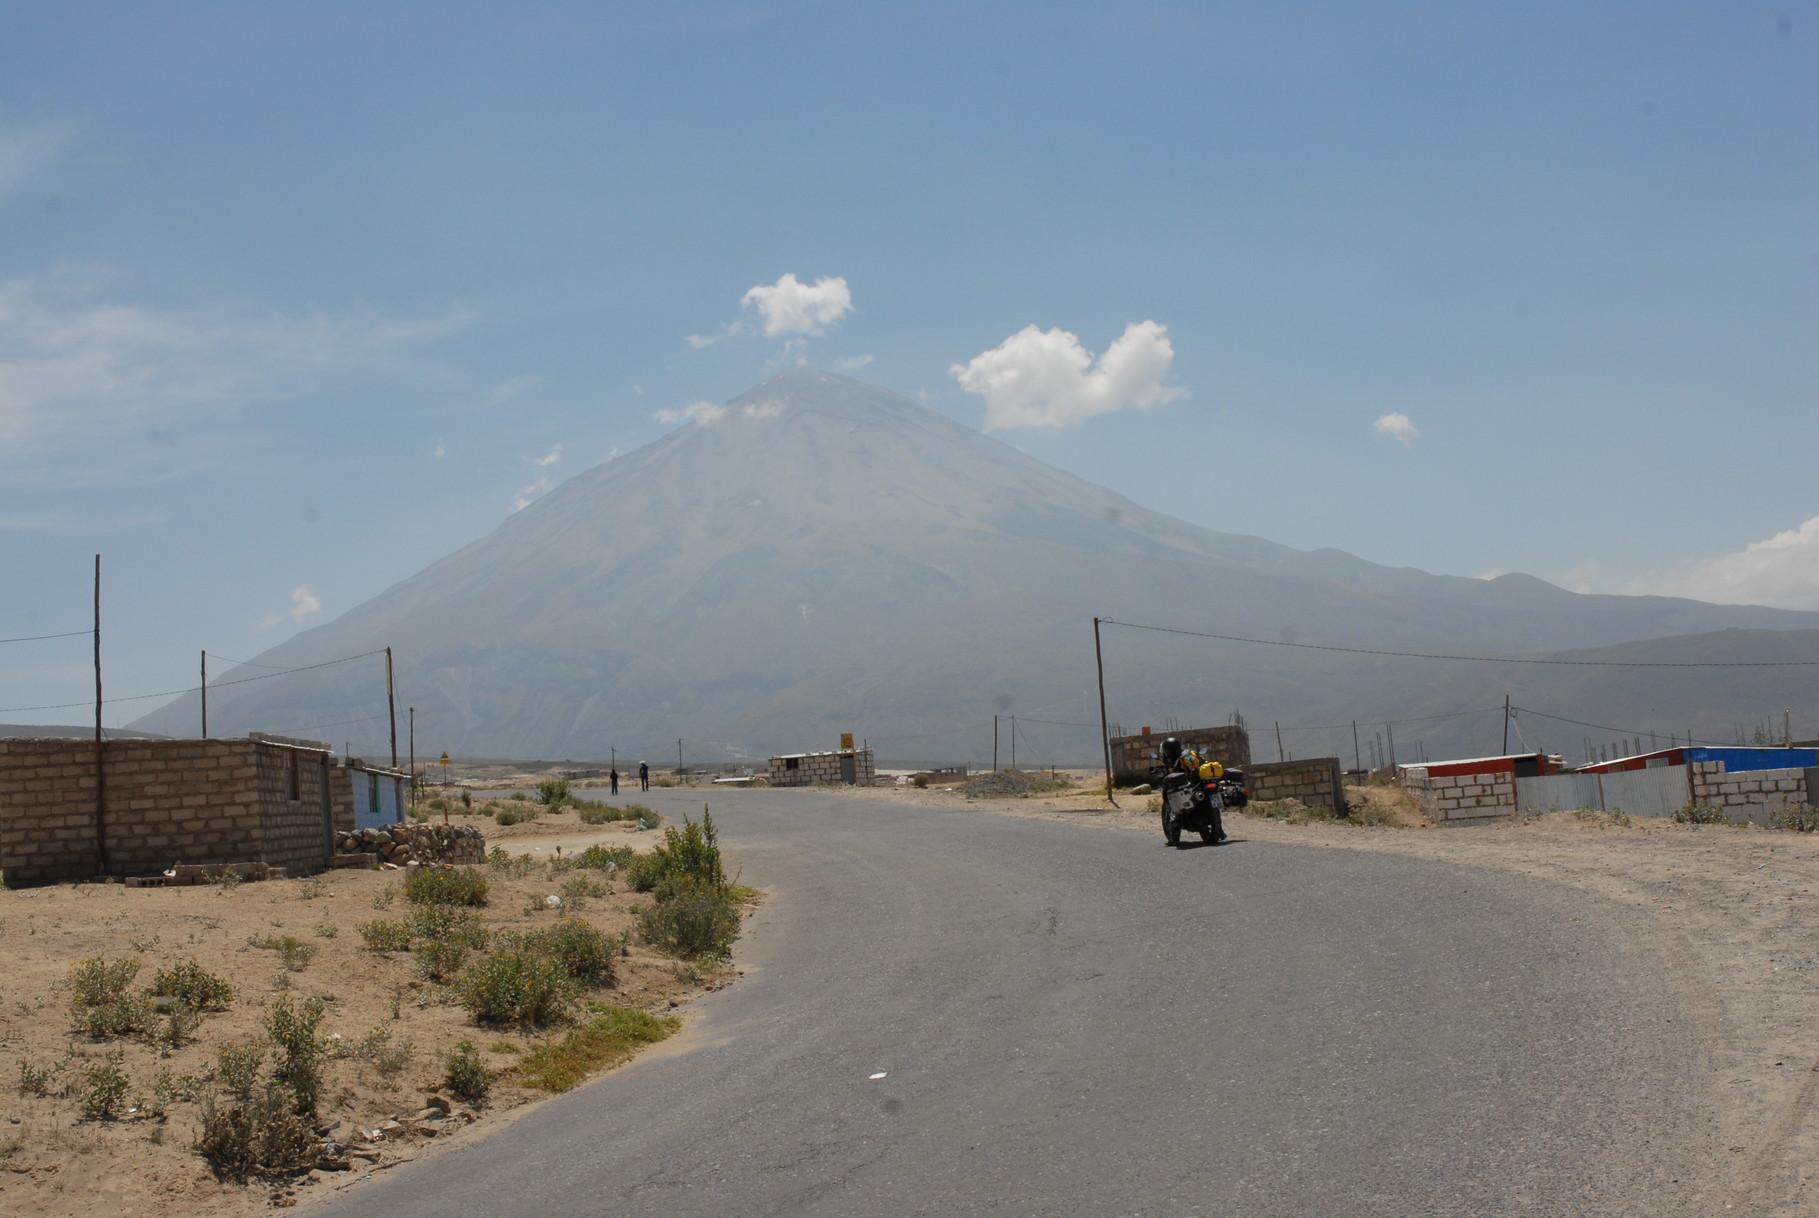 Der Volcano Misti aus der Nähe